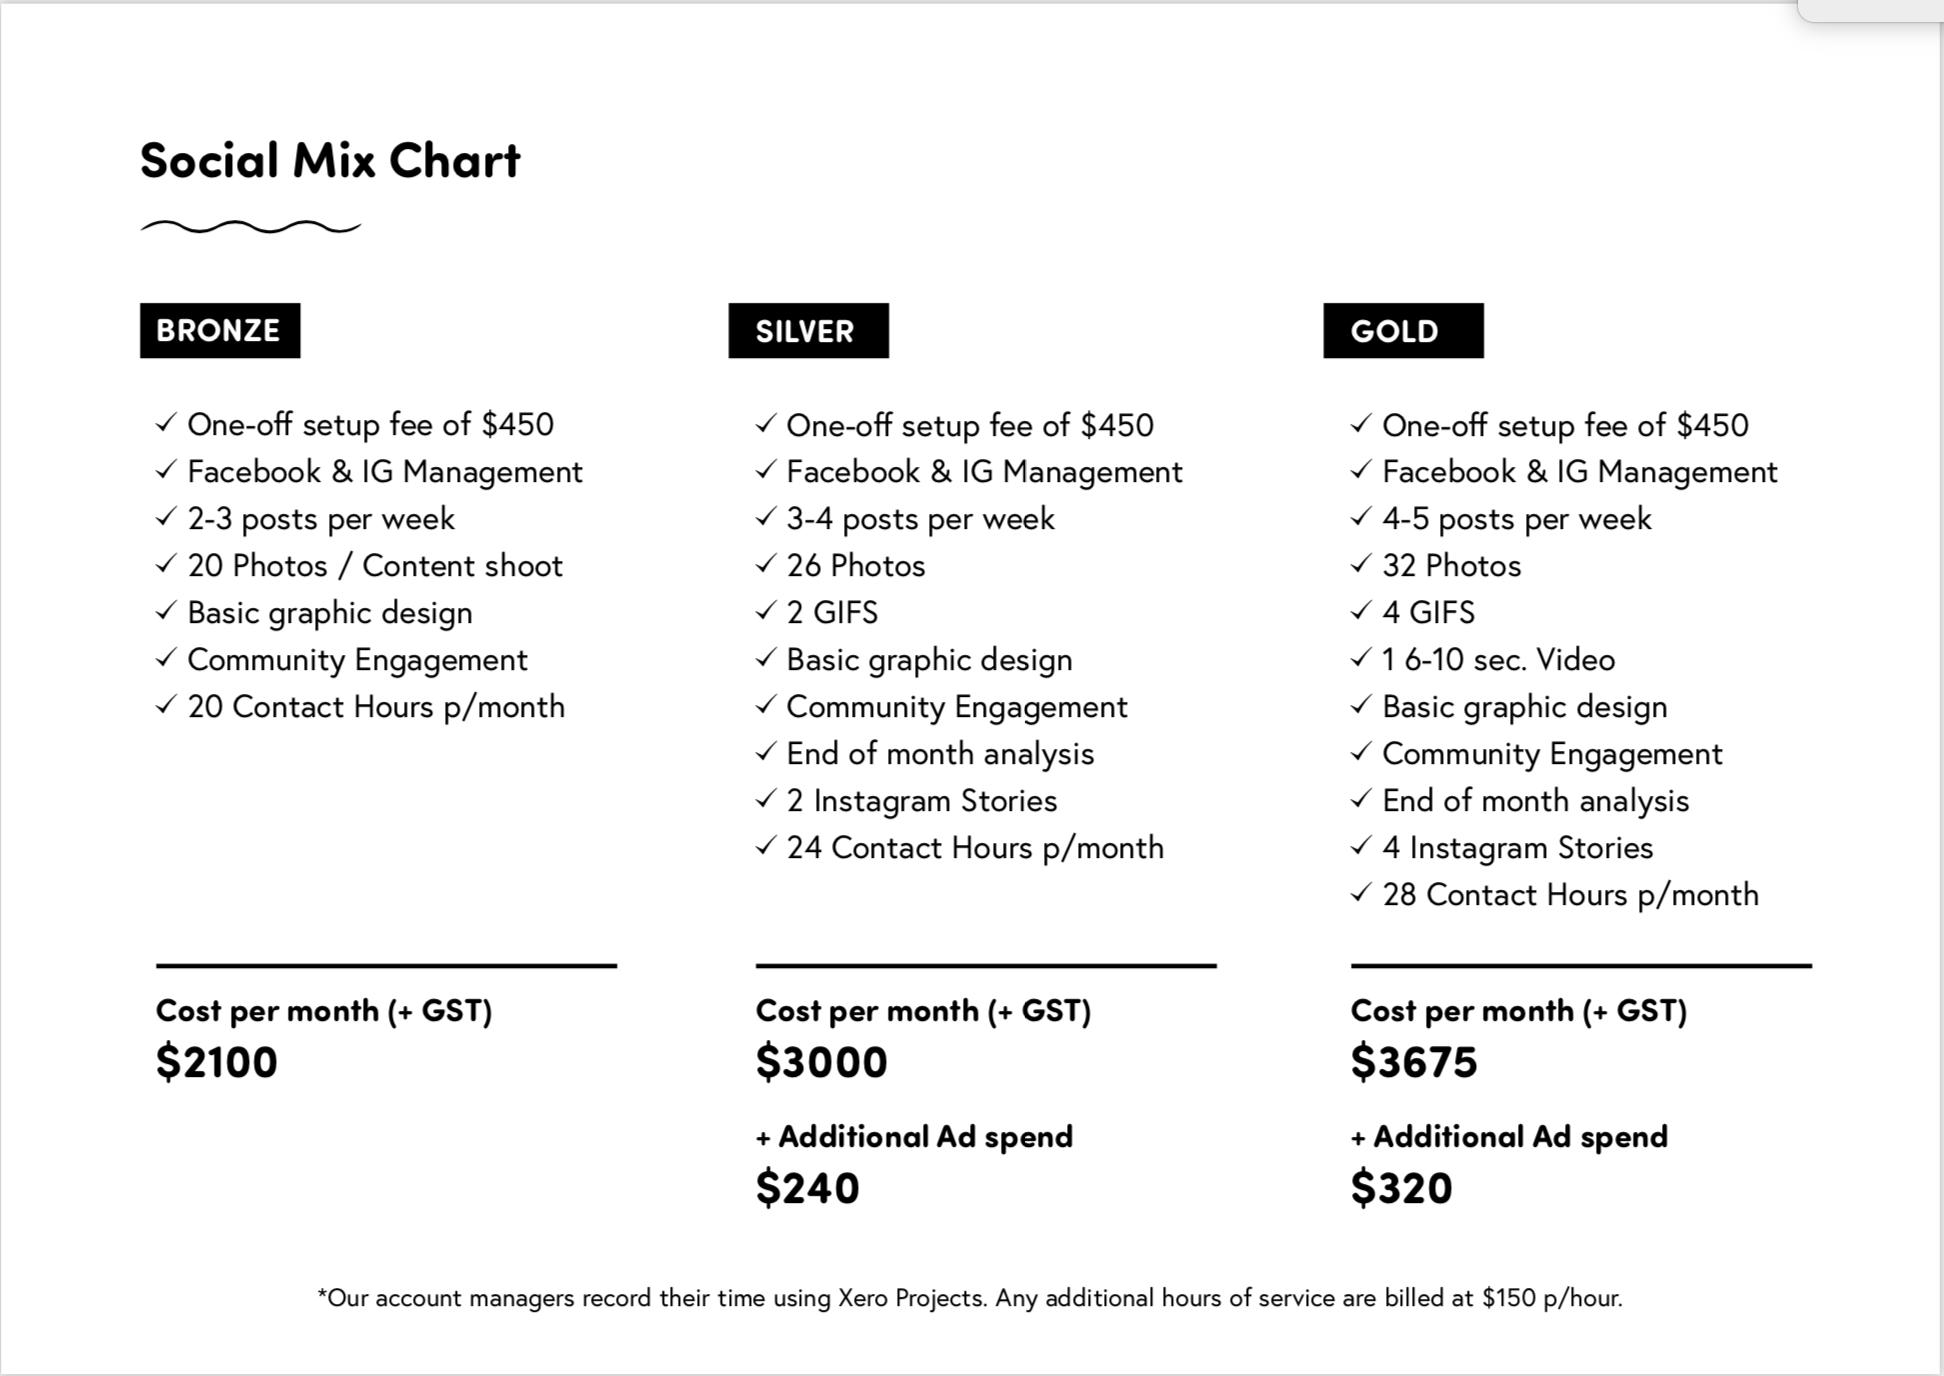 Social Mix Chart.png